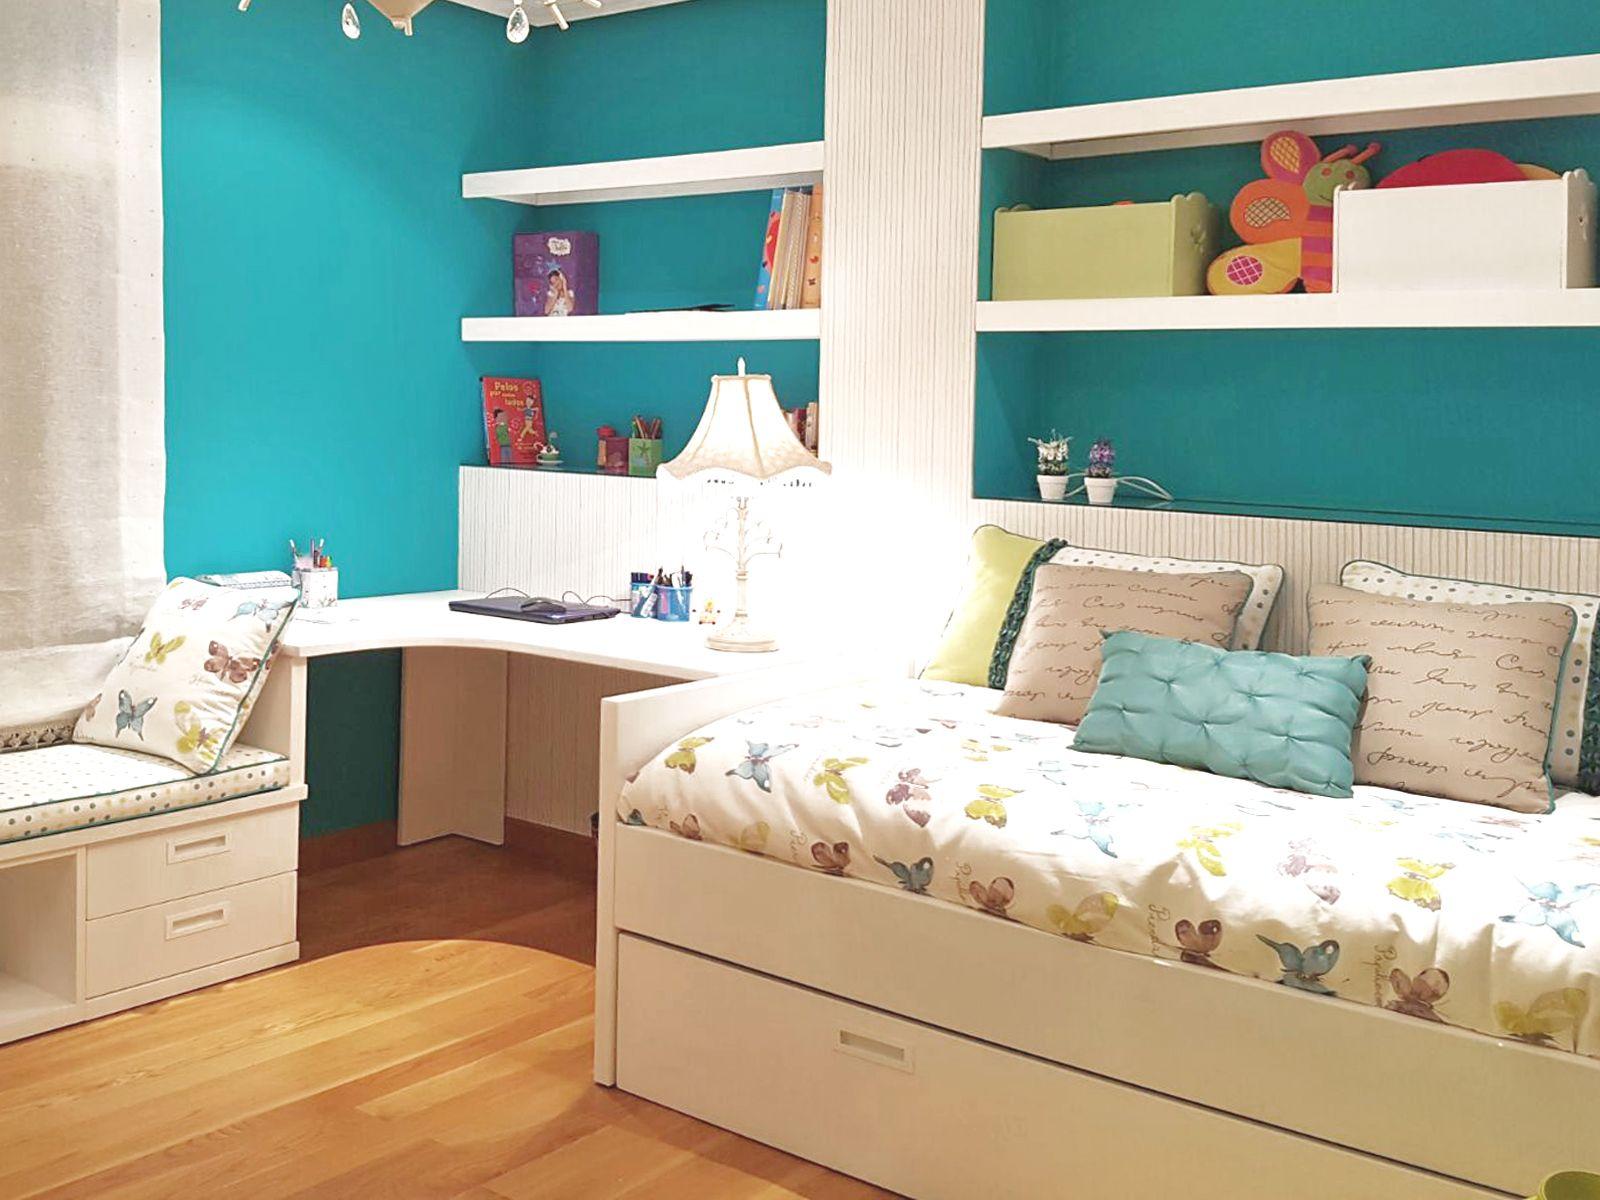 Dise O De Dormitorios Infantiles Papel Pintado Interiorismo  ~ Dormitorios Infantiles A Medida